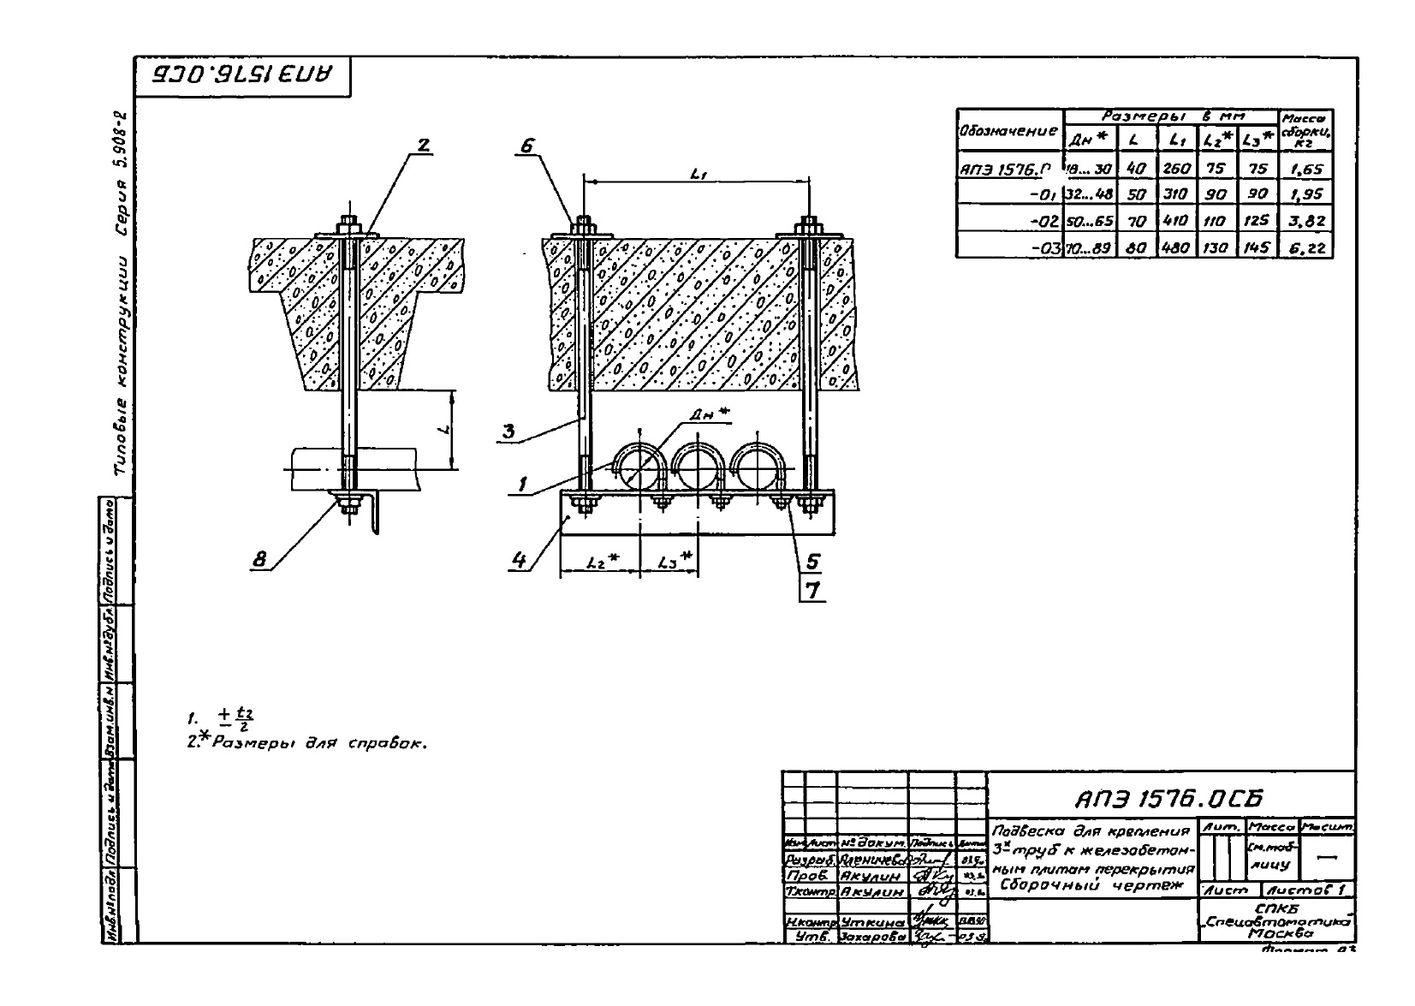 Подвеска АПЭ 1576.0 серия 5.908-2 стр.1